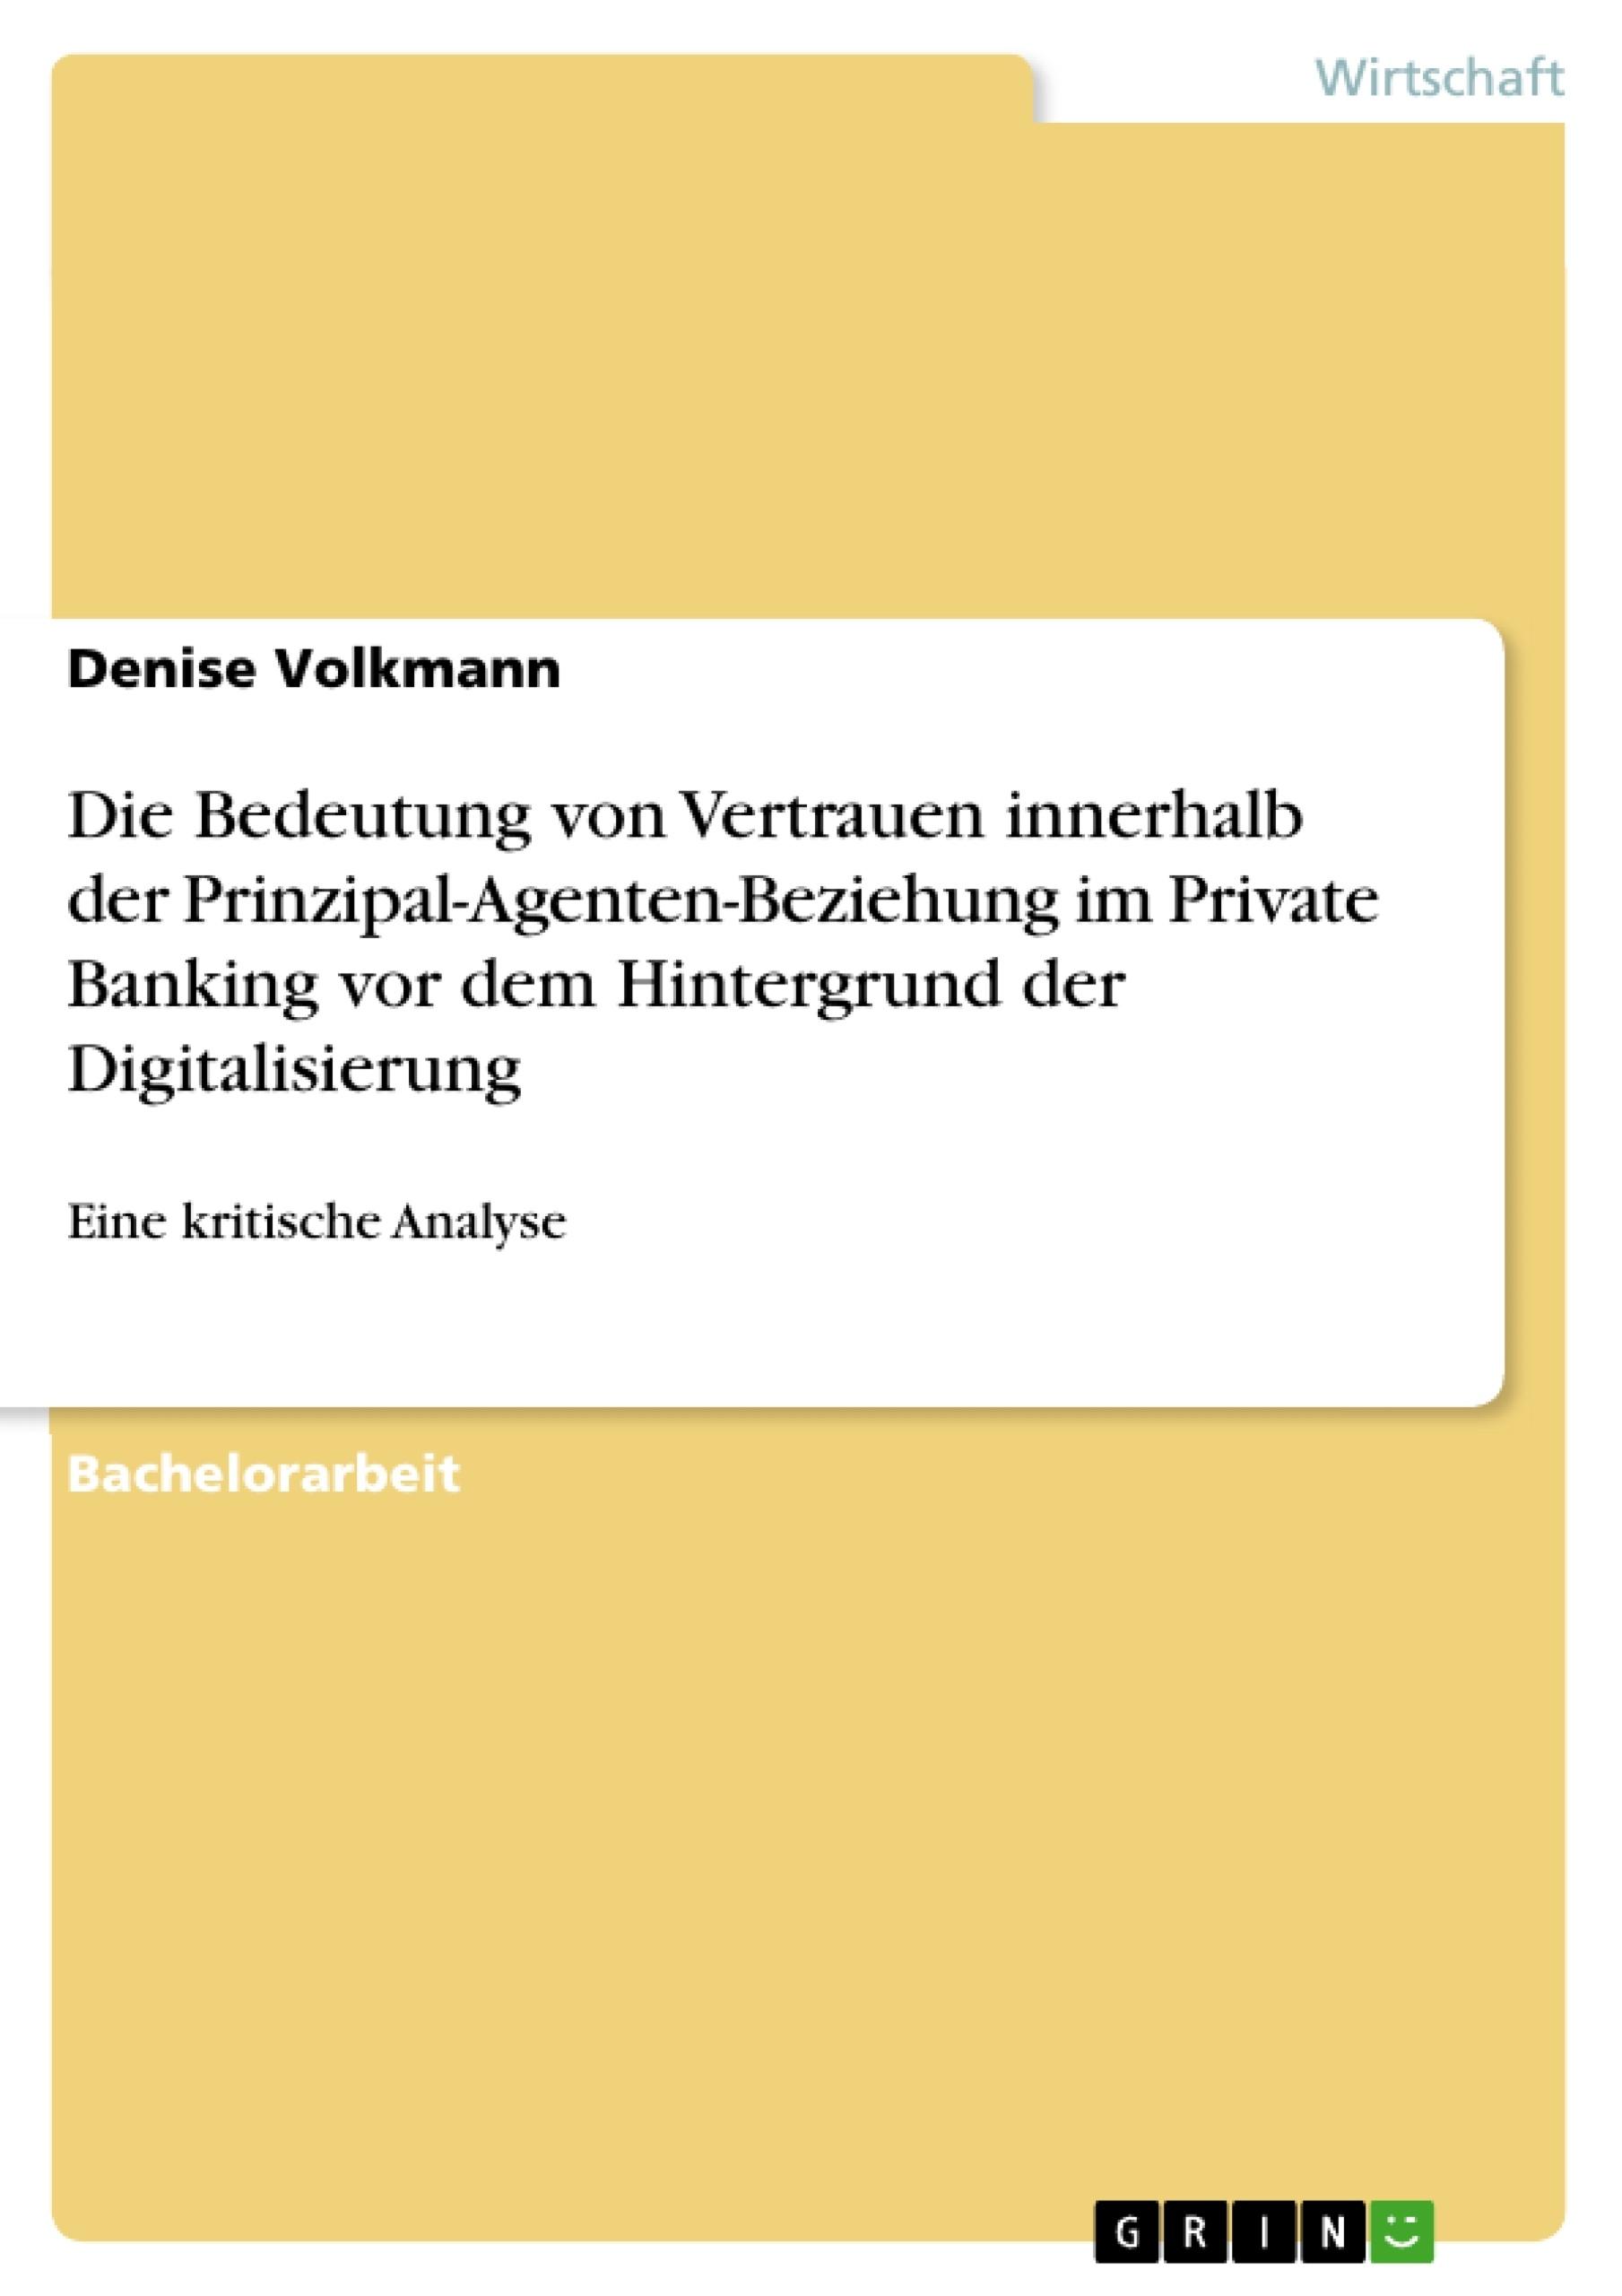 Titel: Die Bedeutung von Vertrauen innerhalb der Prinzipal-Agenten-Beziehung im Private Banking vor dem Hintergrund der Digitalisierung